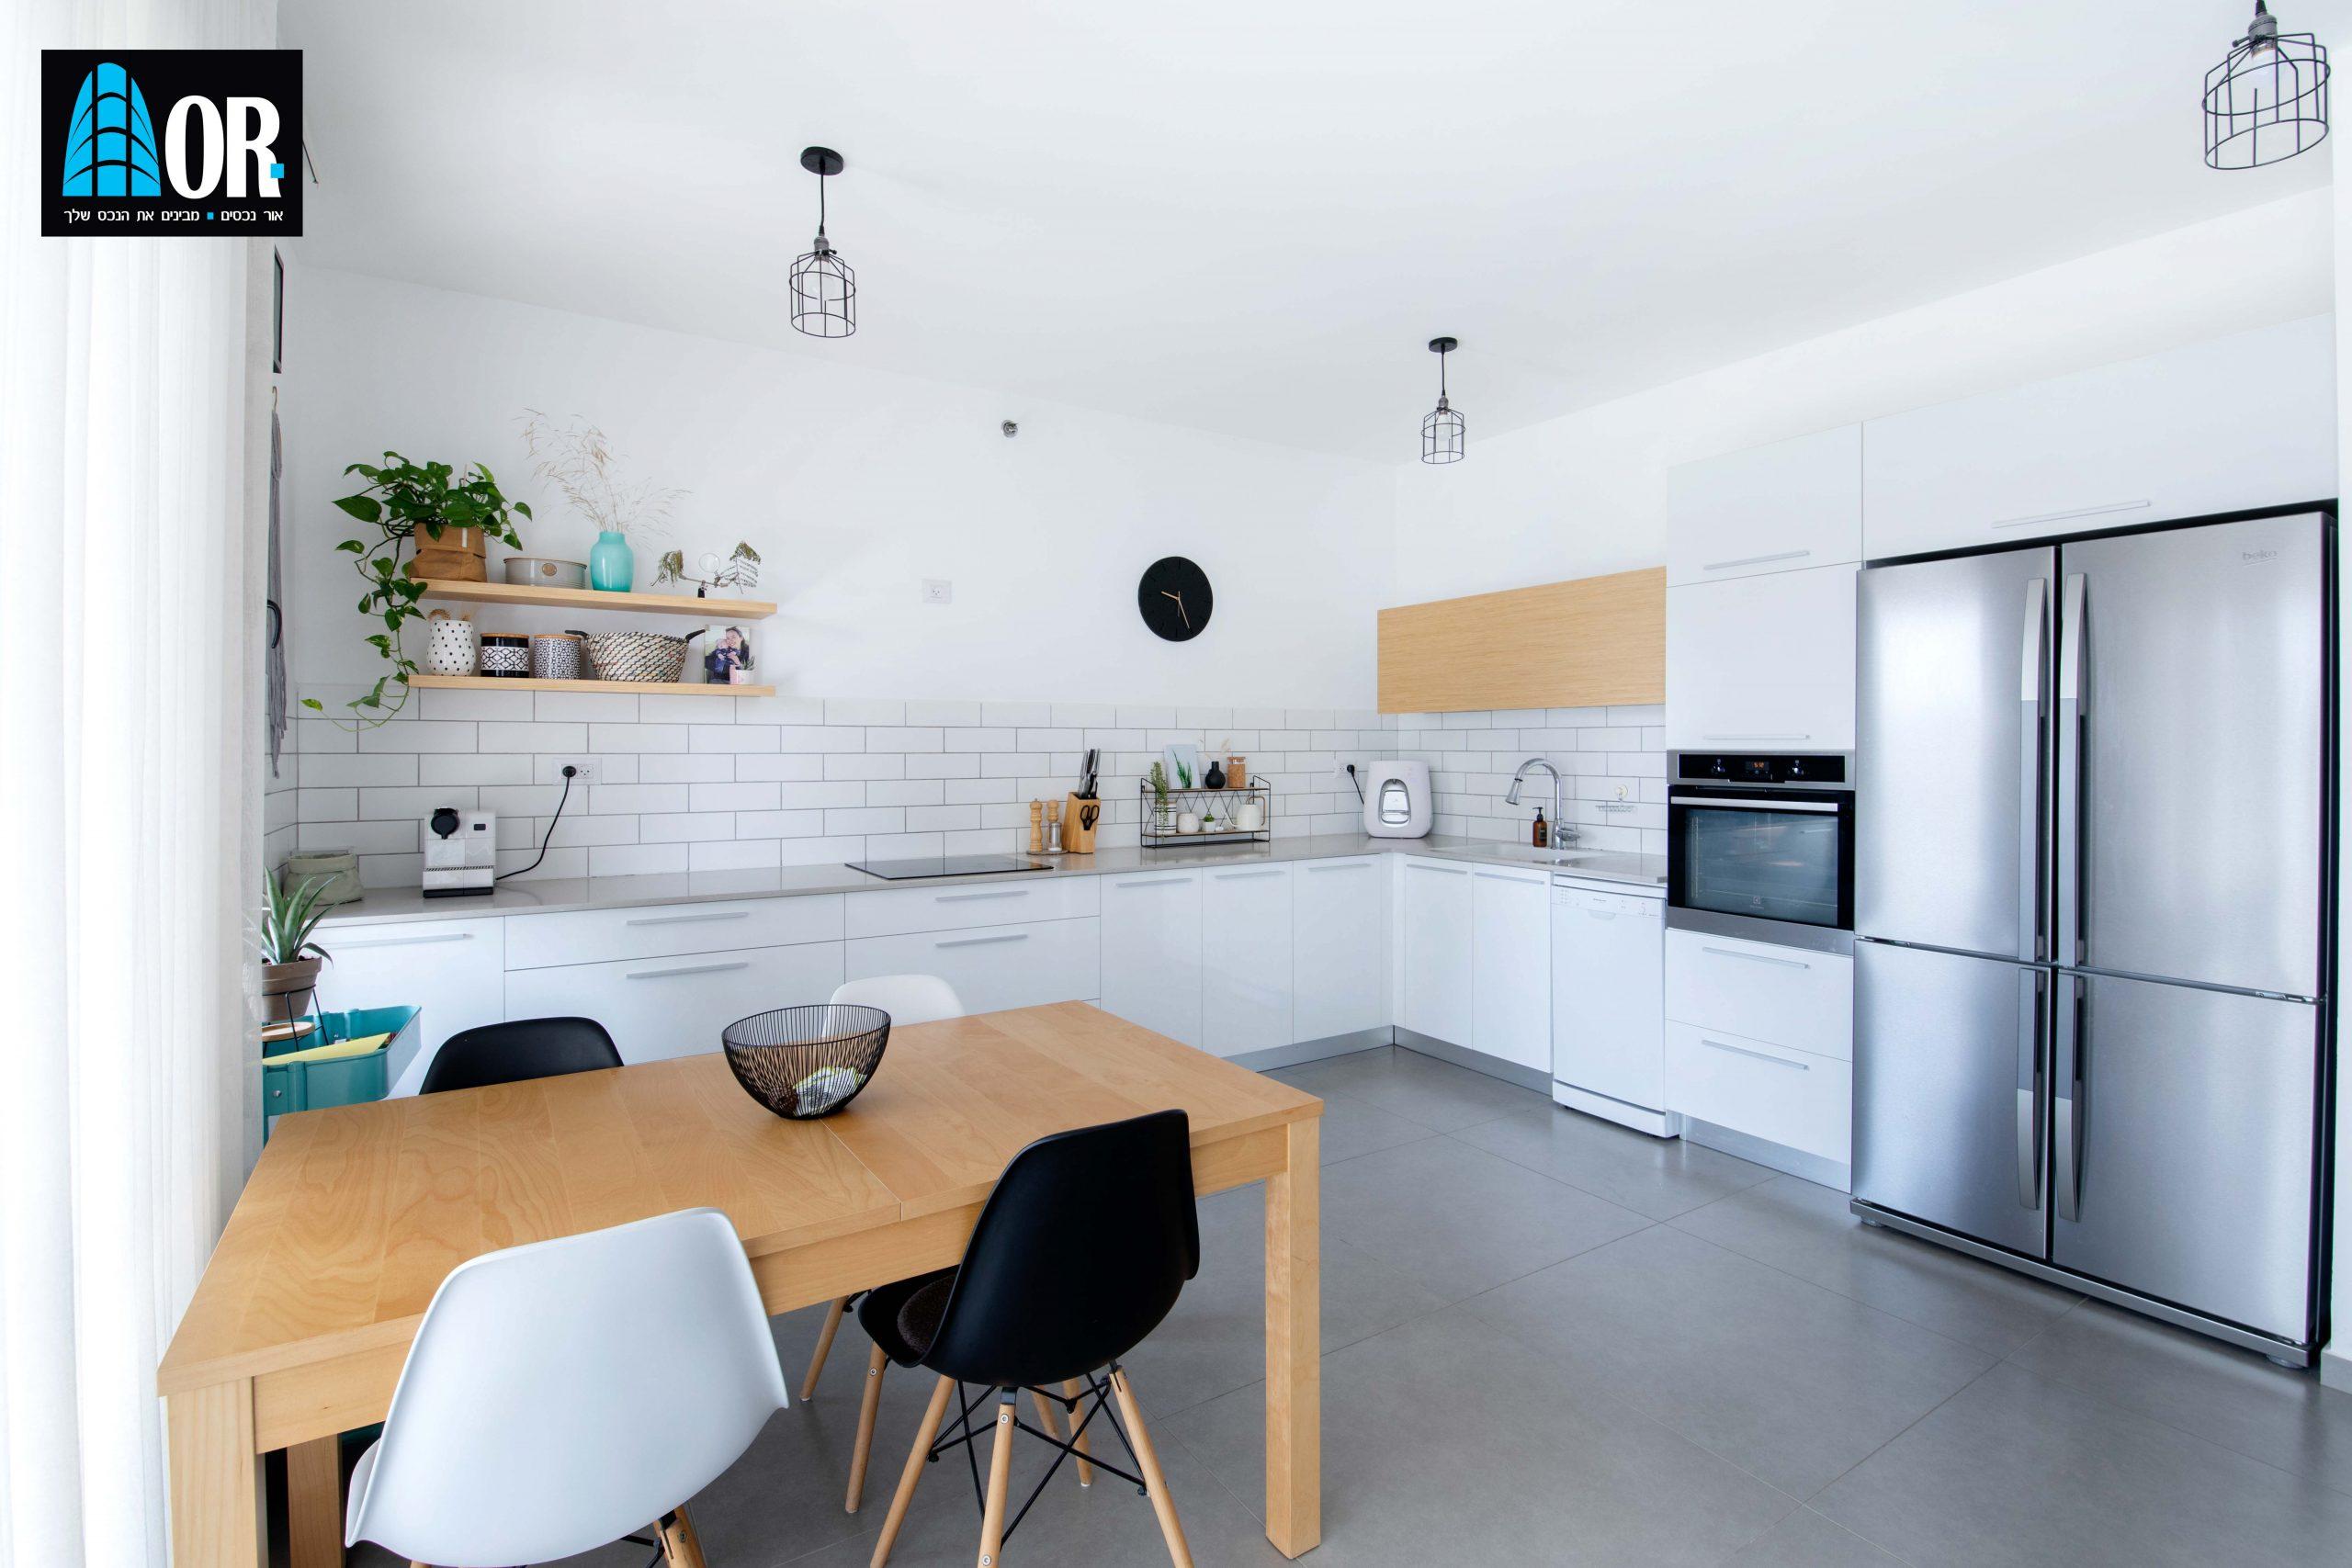 מטבח דירה 4 חדרים בשכונת צמרות